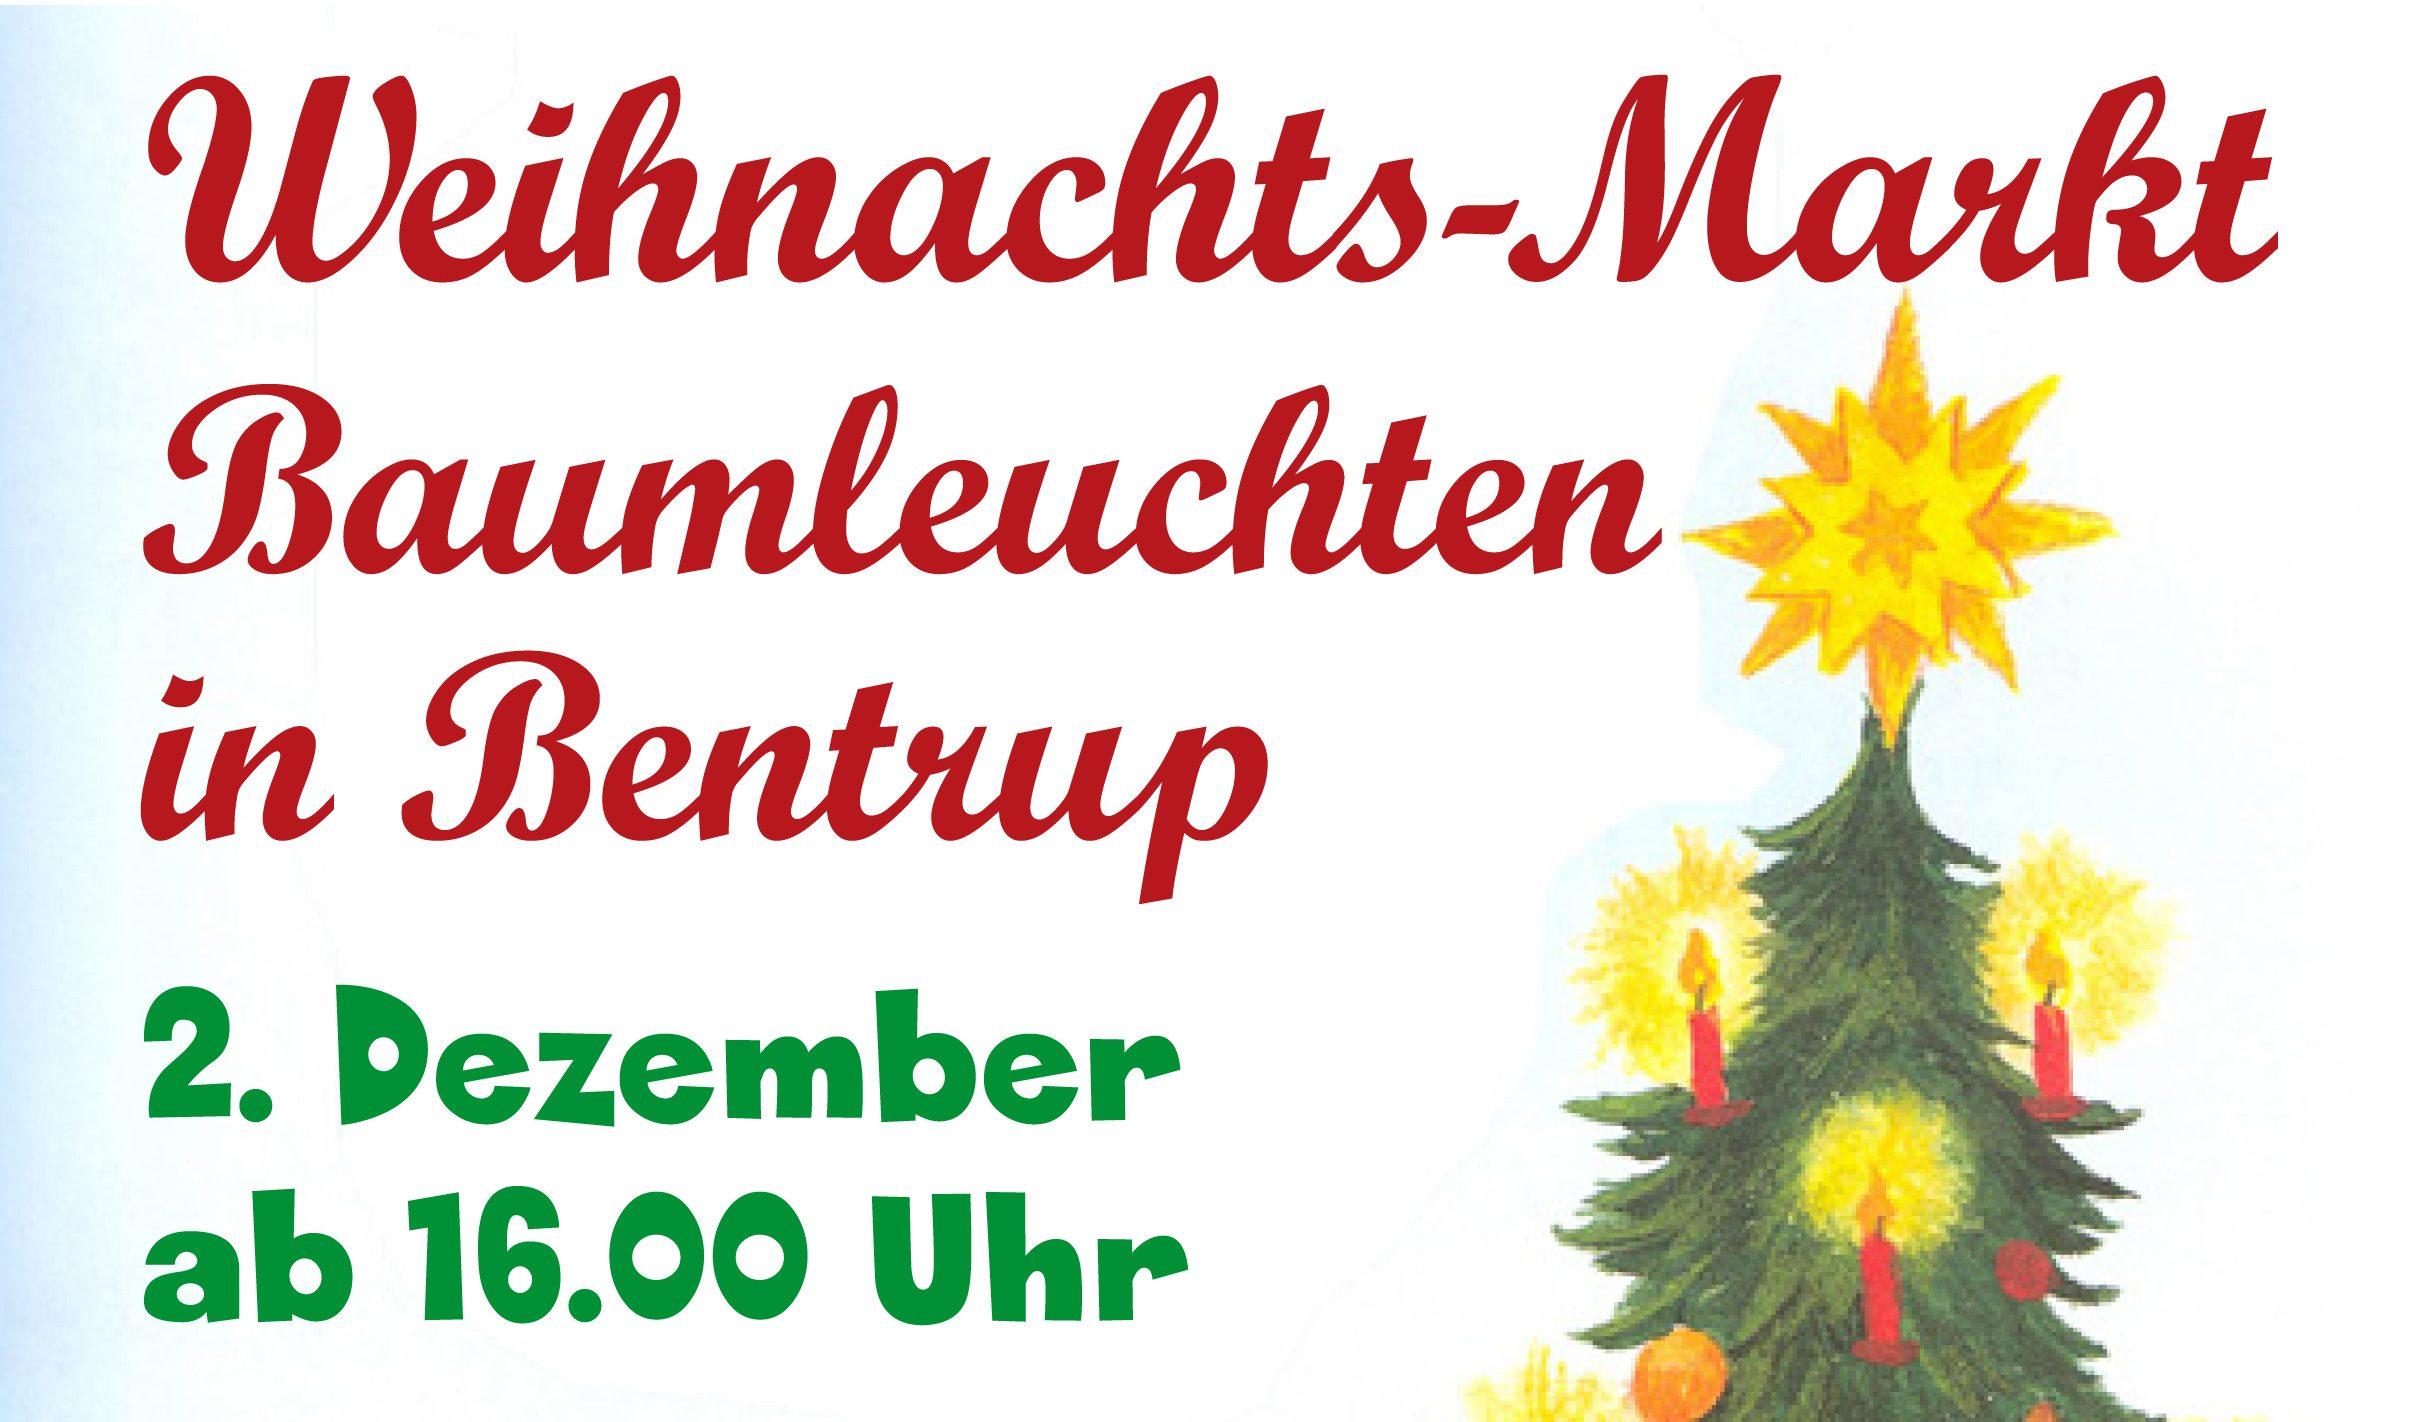 Weihnachts-Markt in Bentrup-Loßbruch